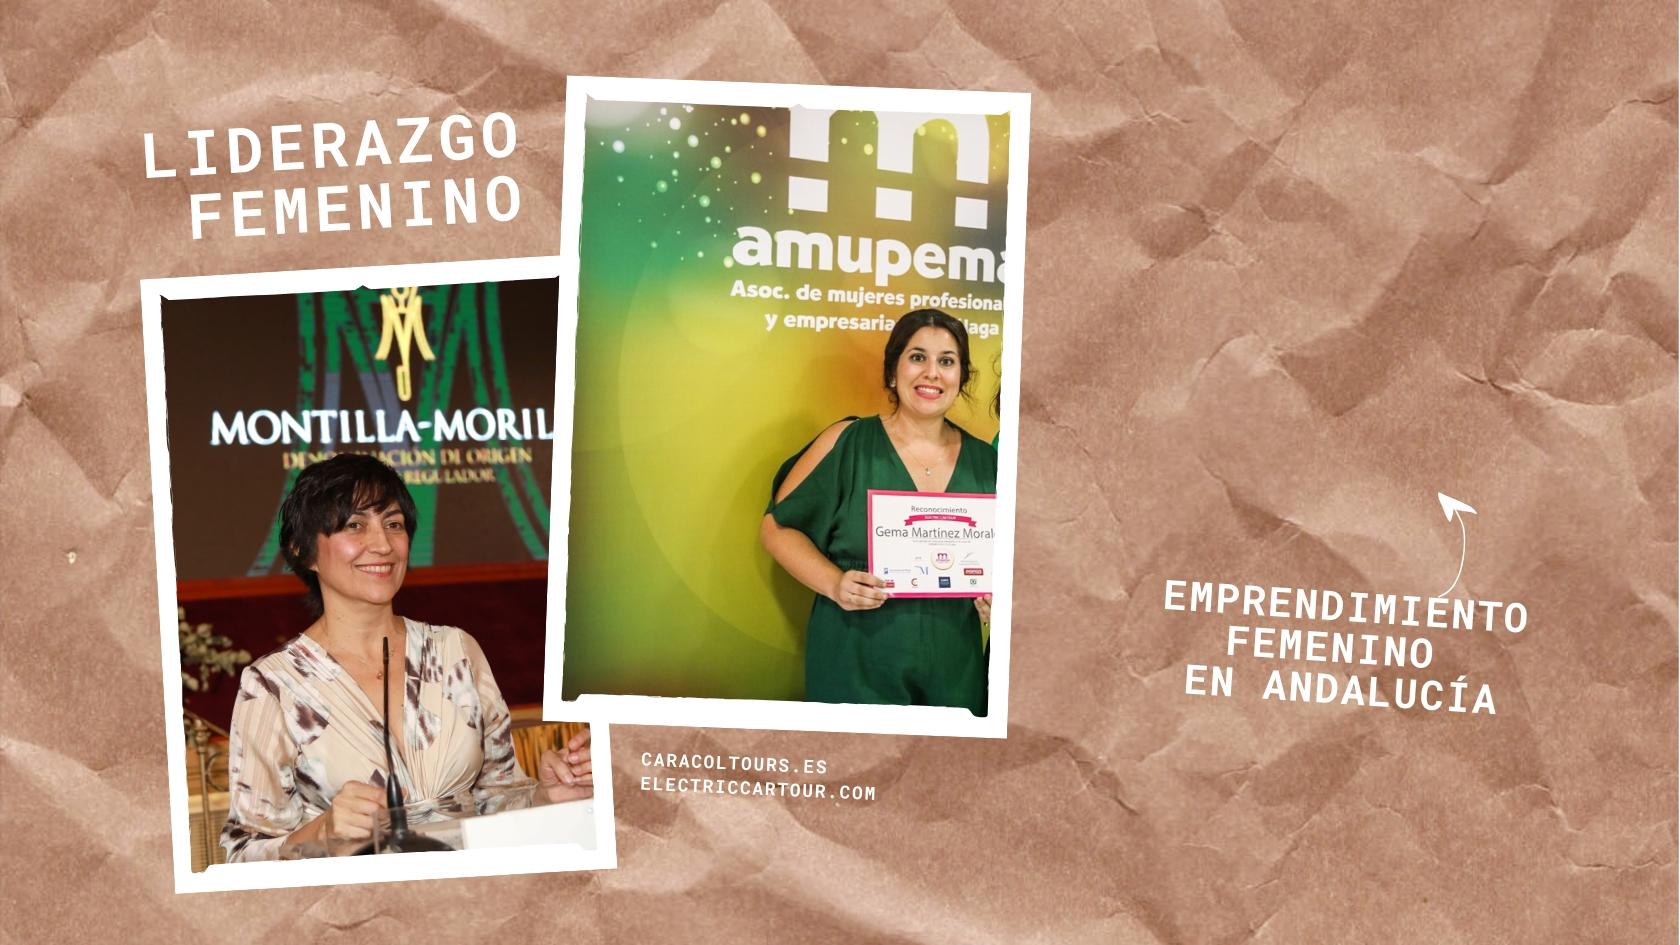 Resiliencia y emprendimiento femenino en Andalucía – Andalucia Lab